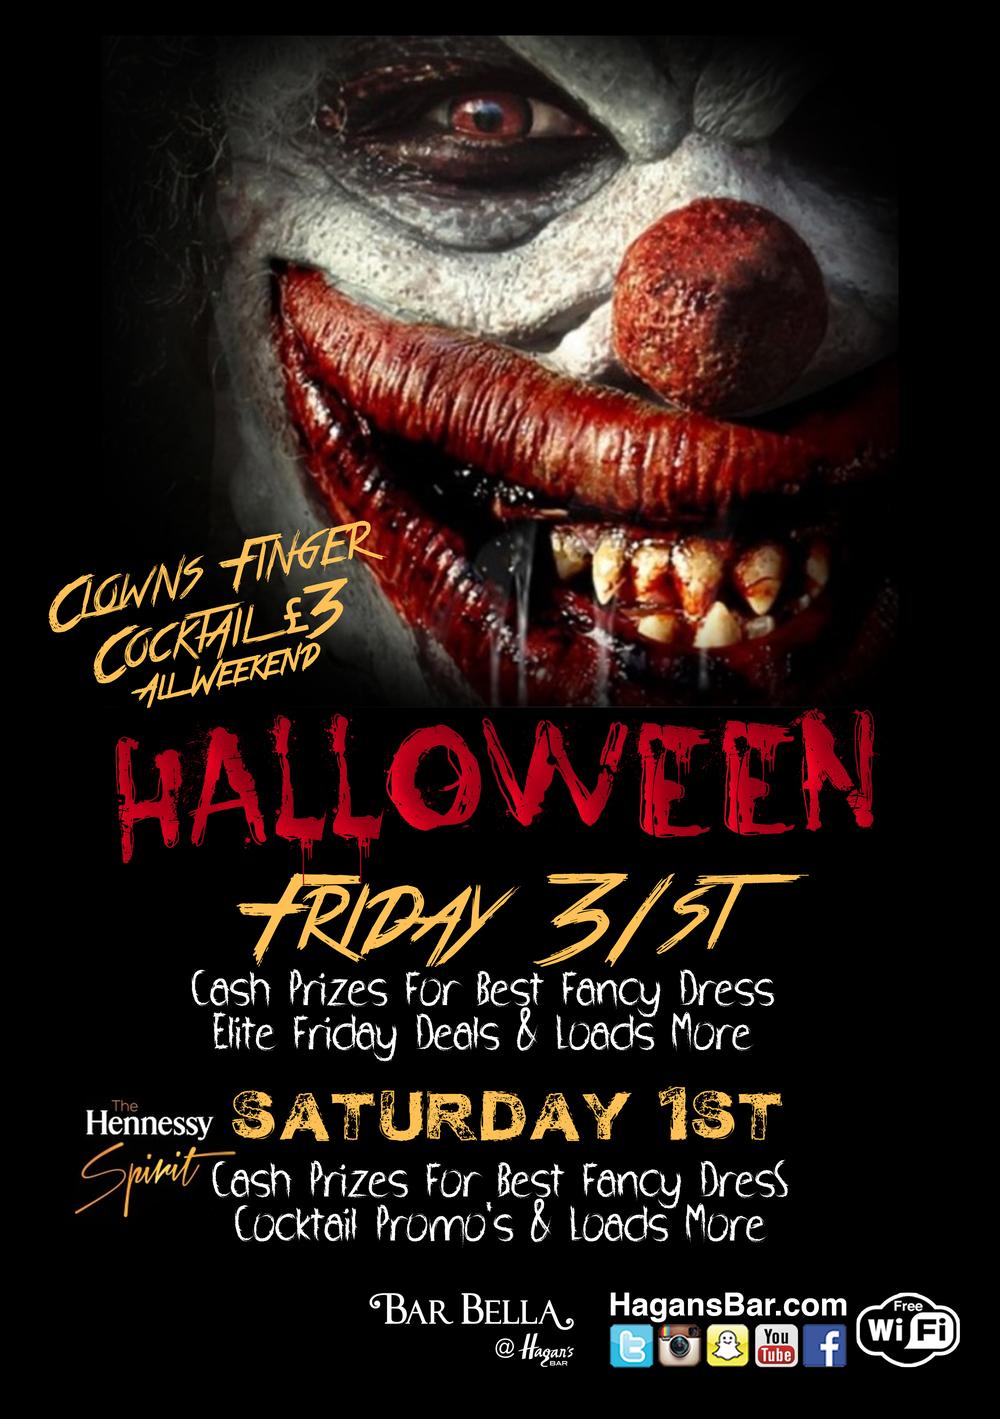 Halloween_2014_Poster